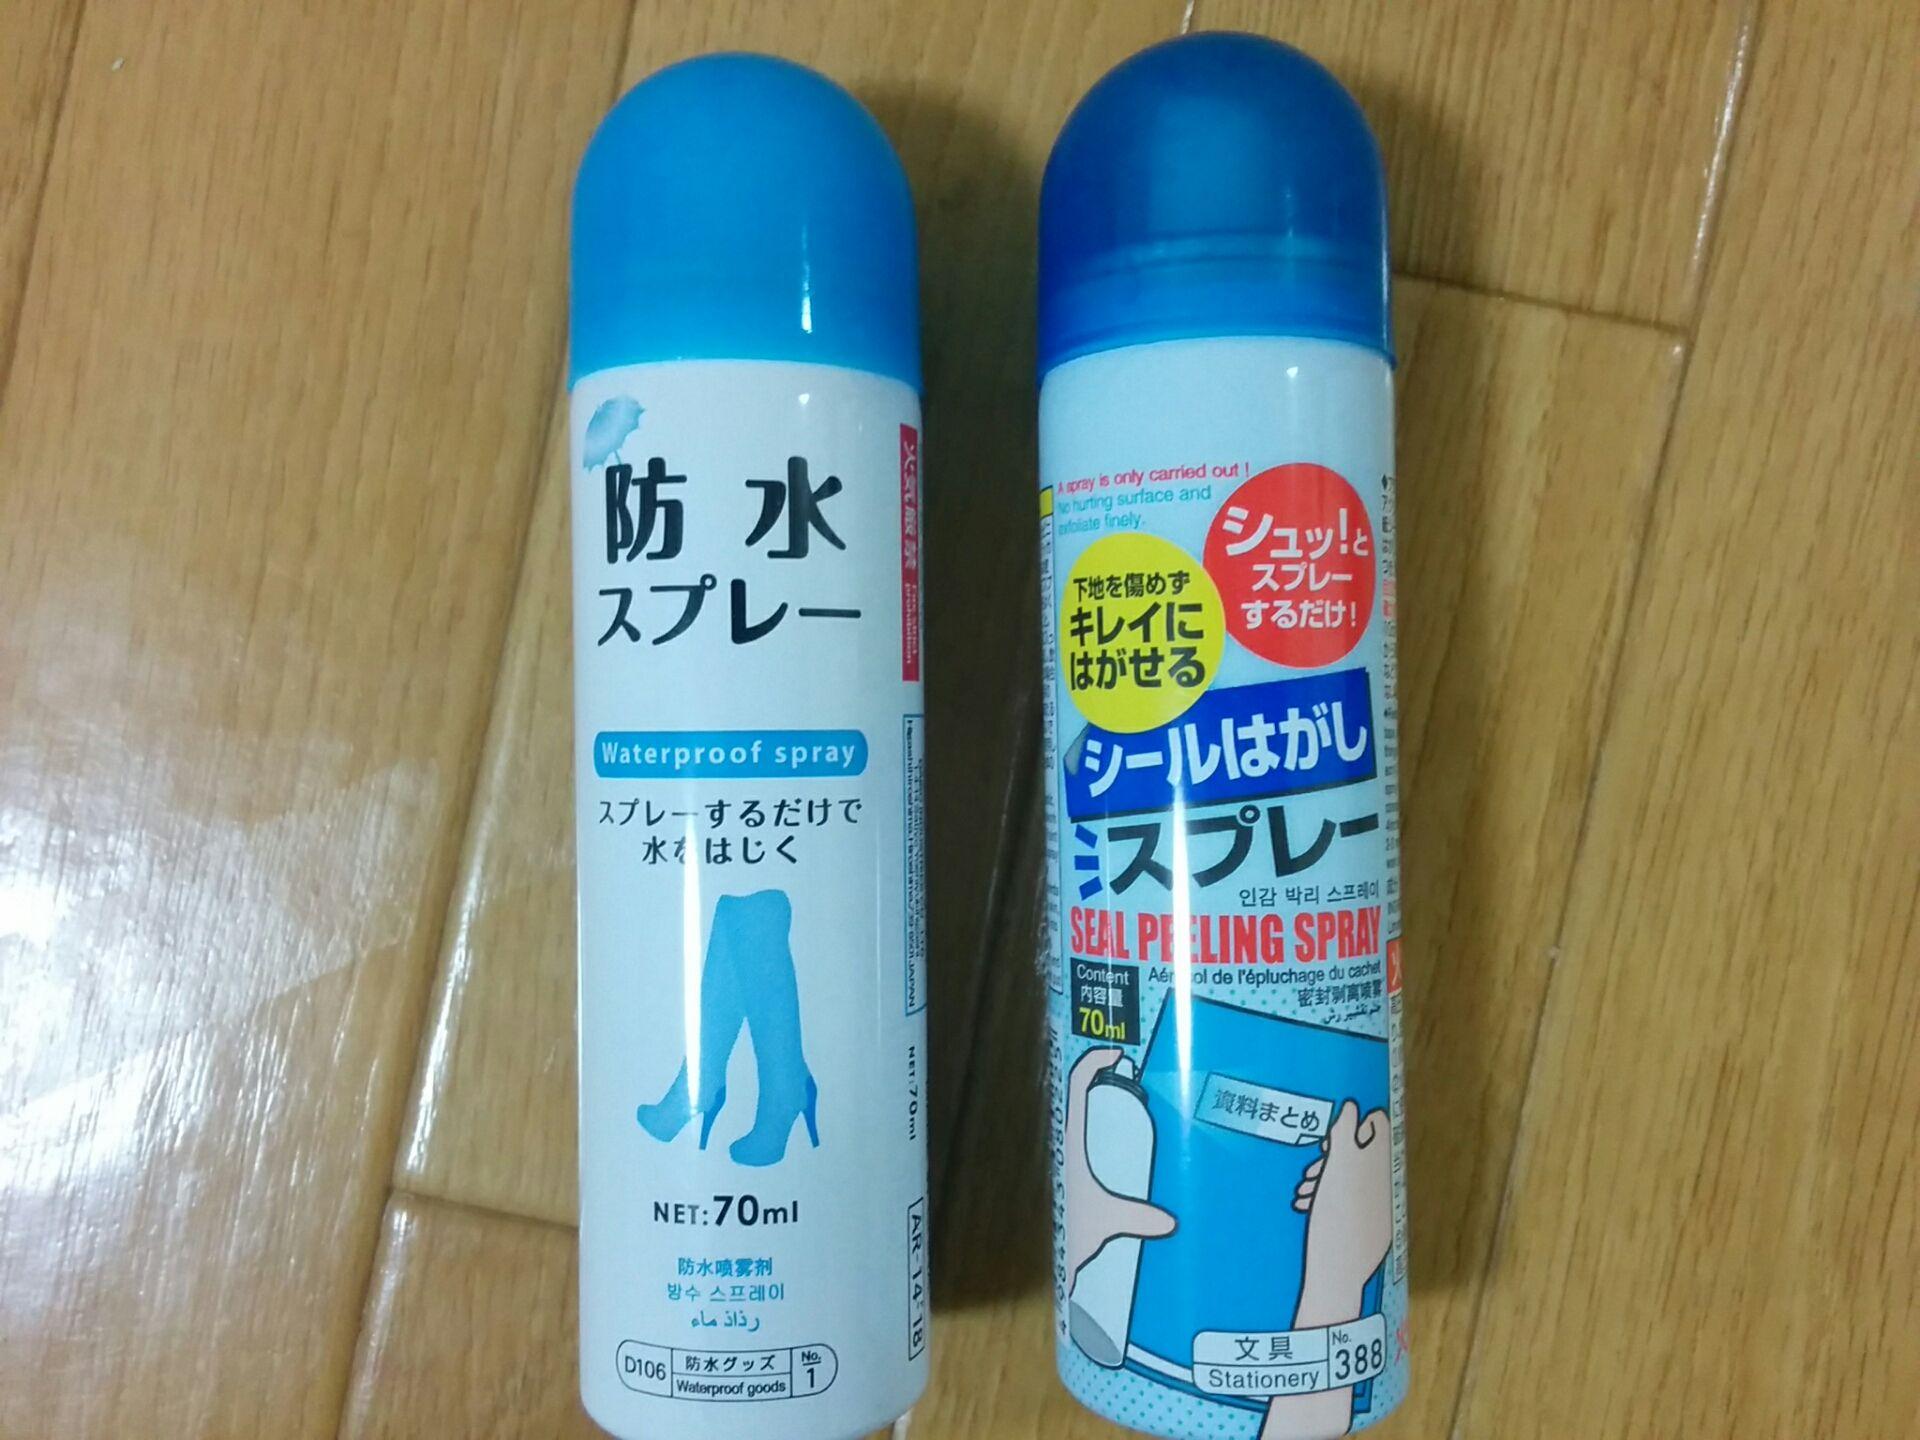 シール剥しと防水スプレーです。